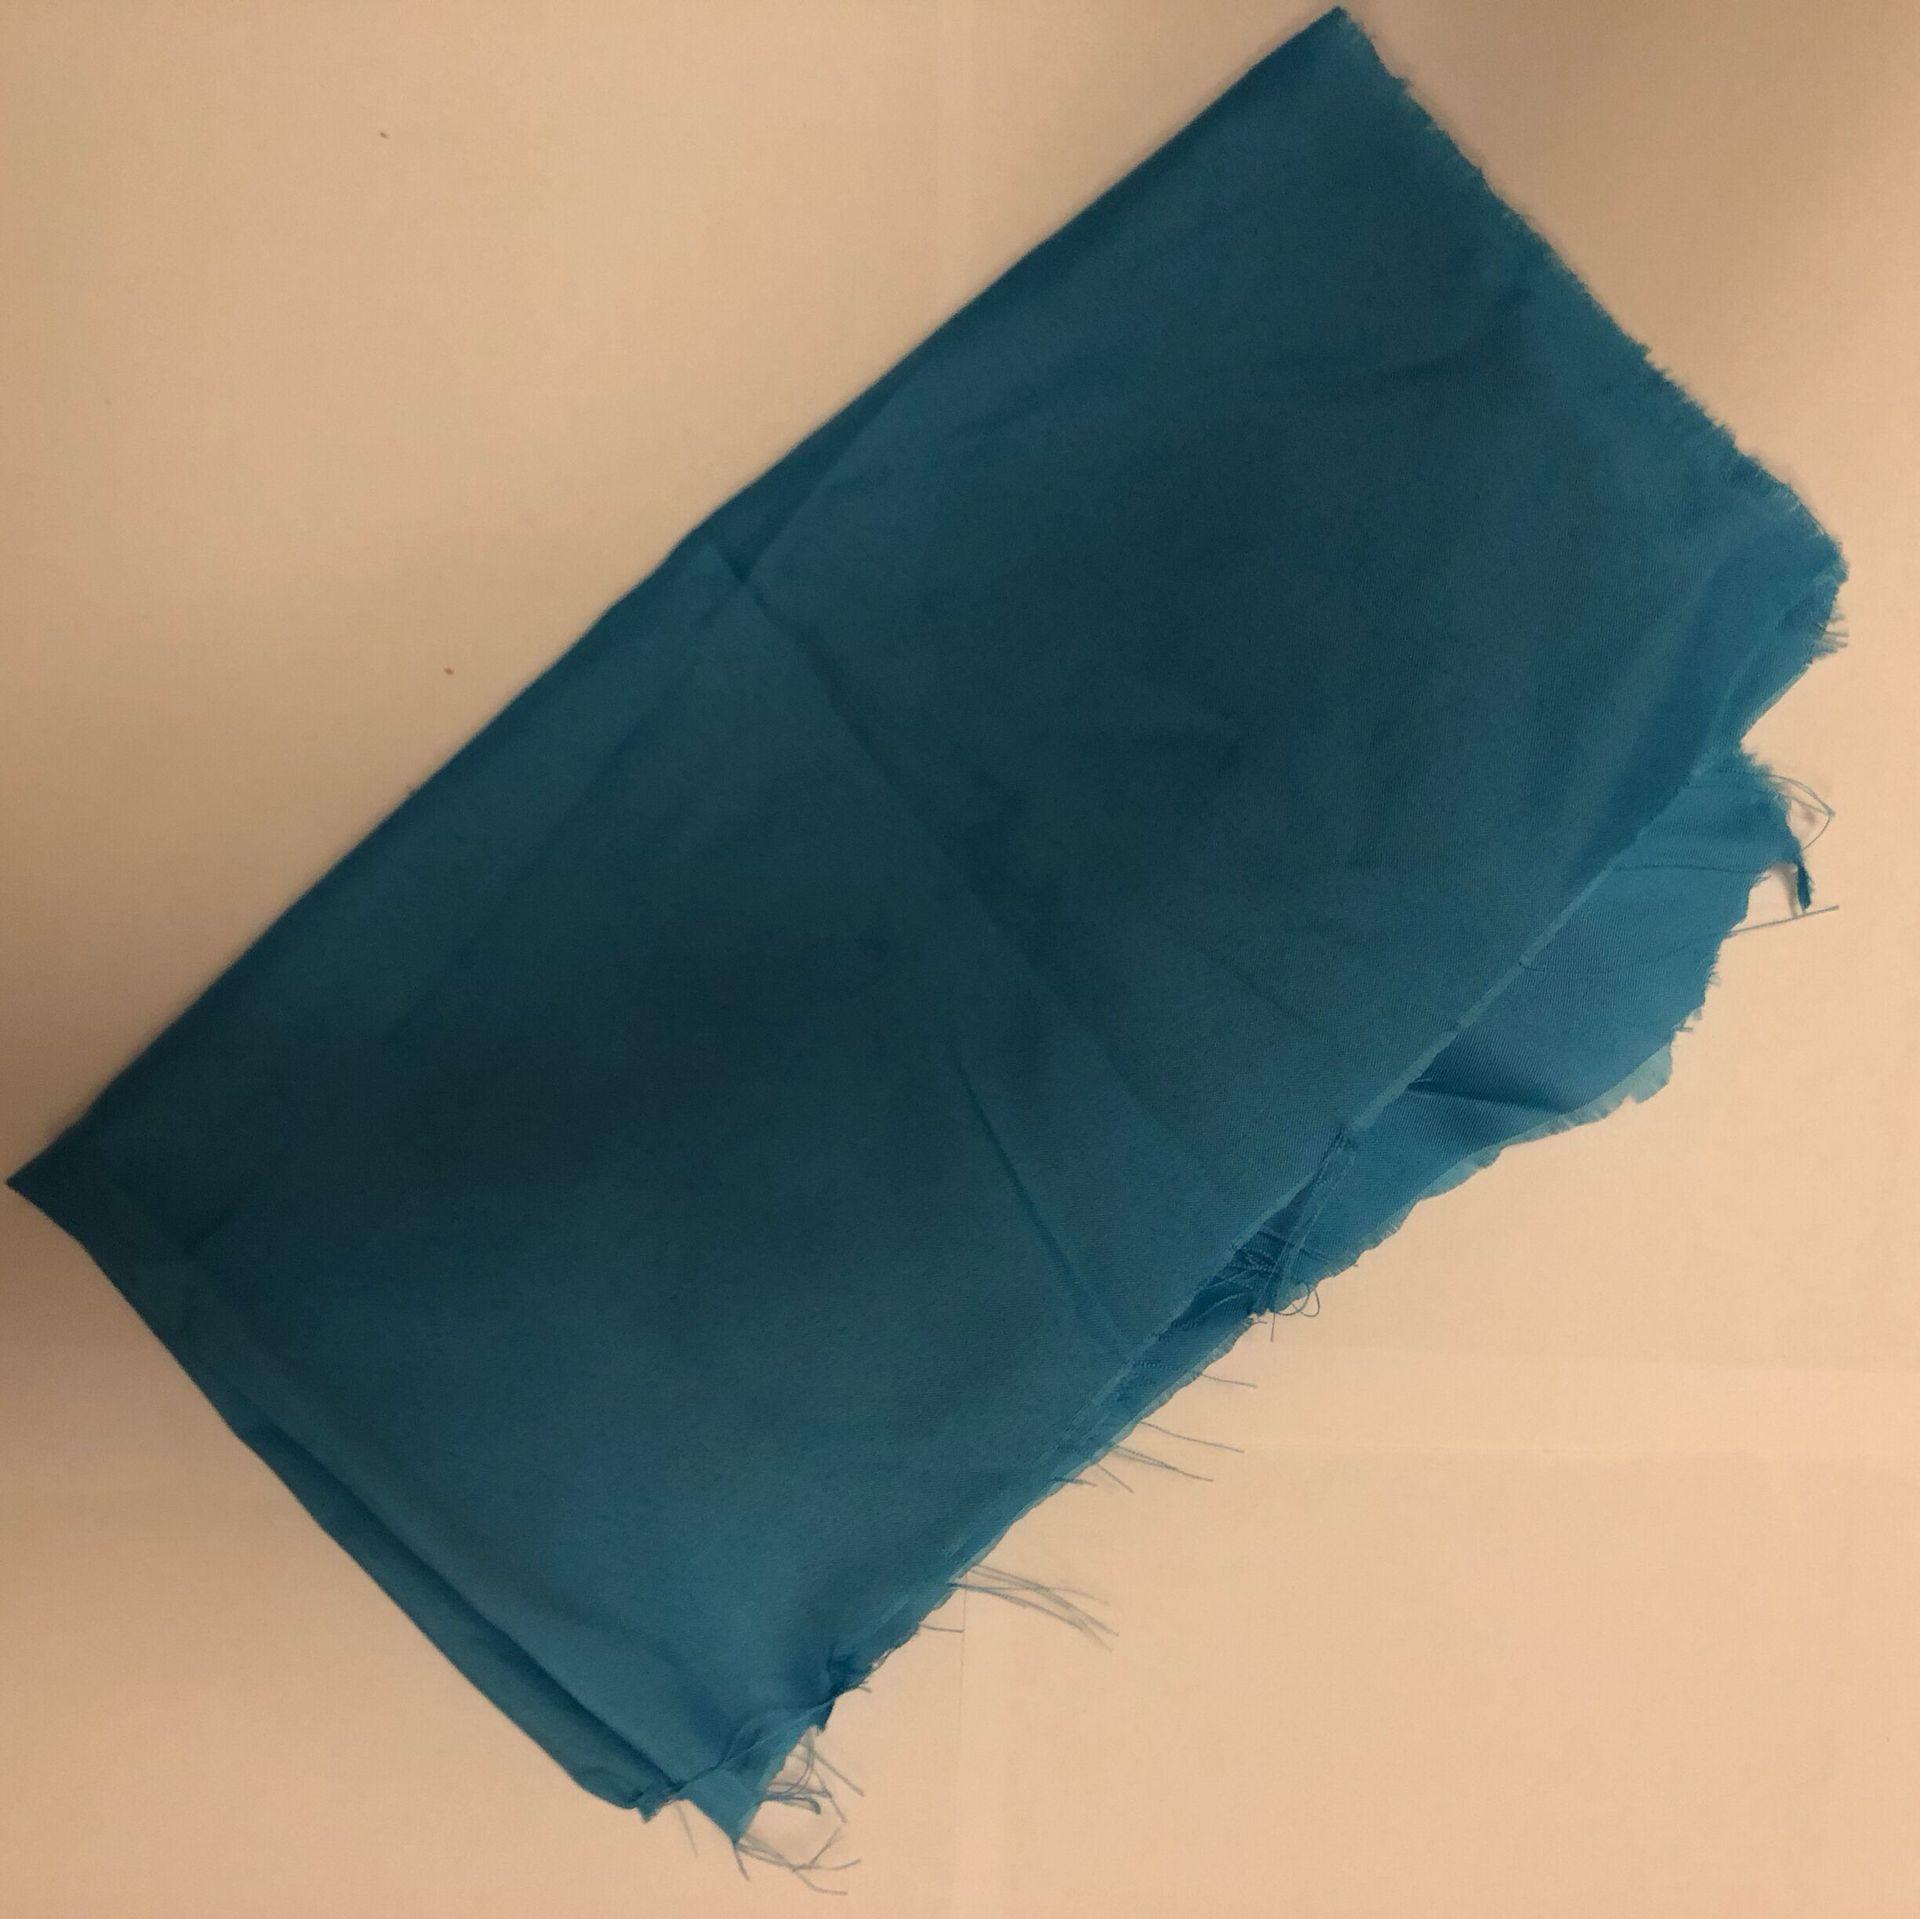 FL Vải mộc sợi hoá học Bán buôn tại chỗ 190T Chunya sợi hóa chất sợi vải màu xám sofa gối lót cờ vải